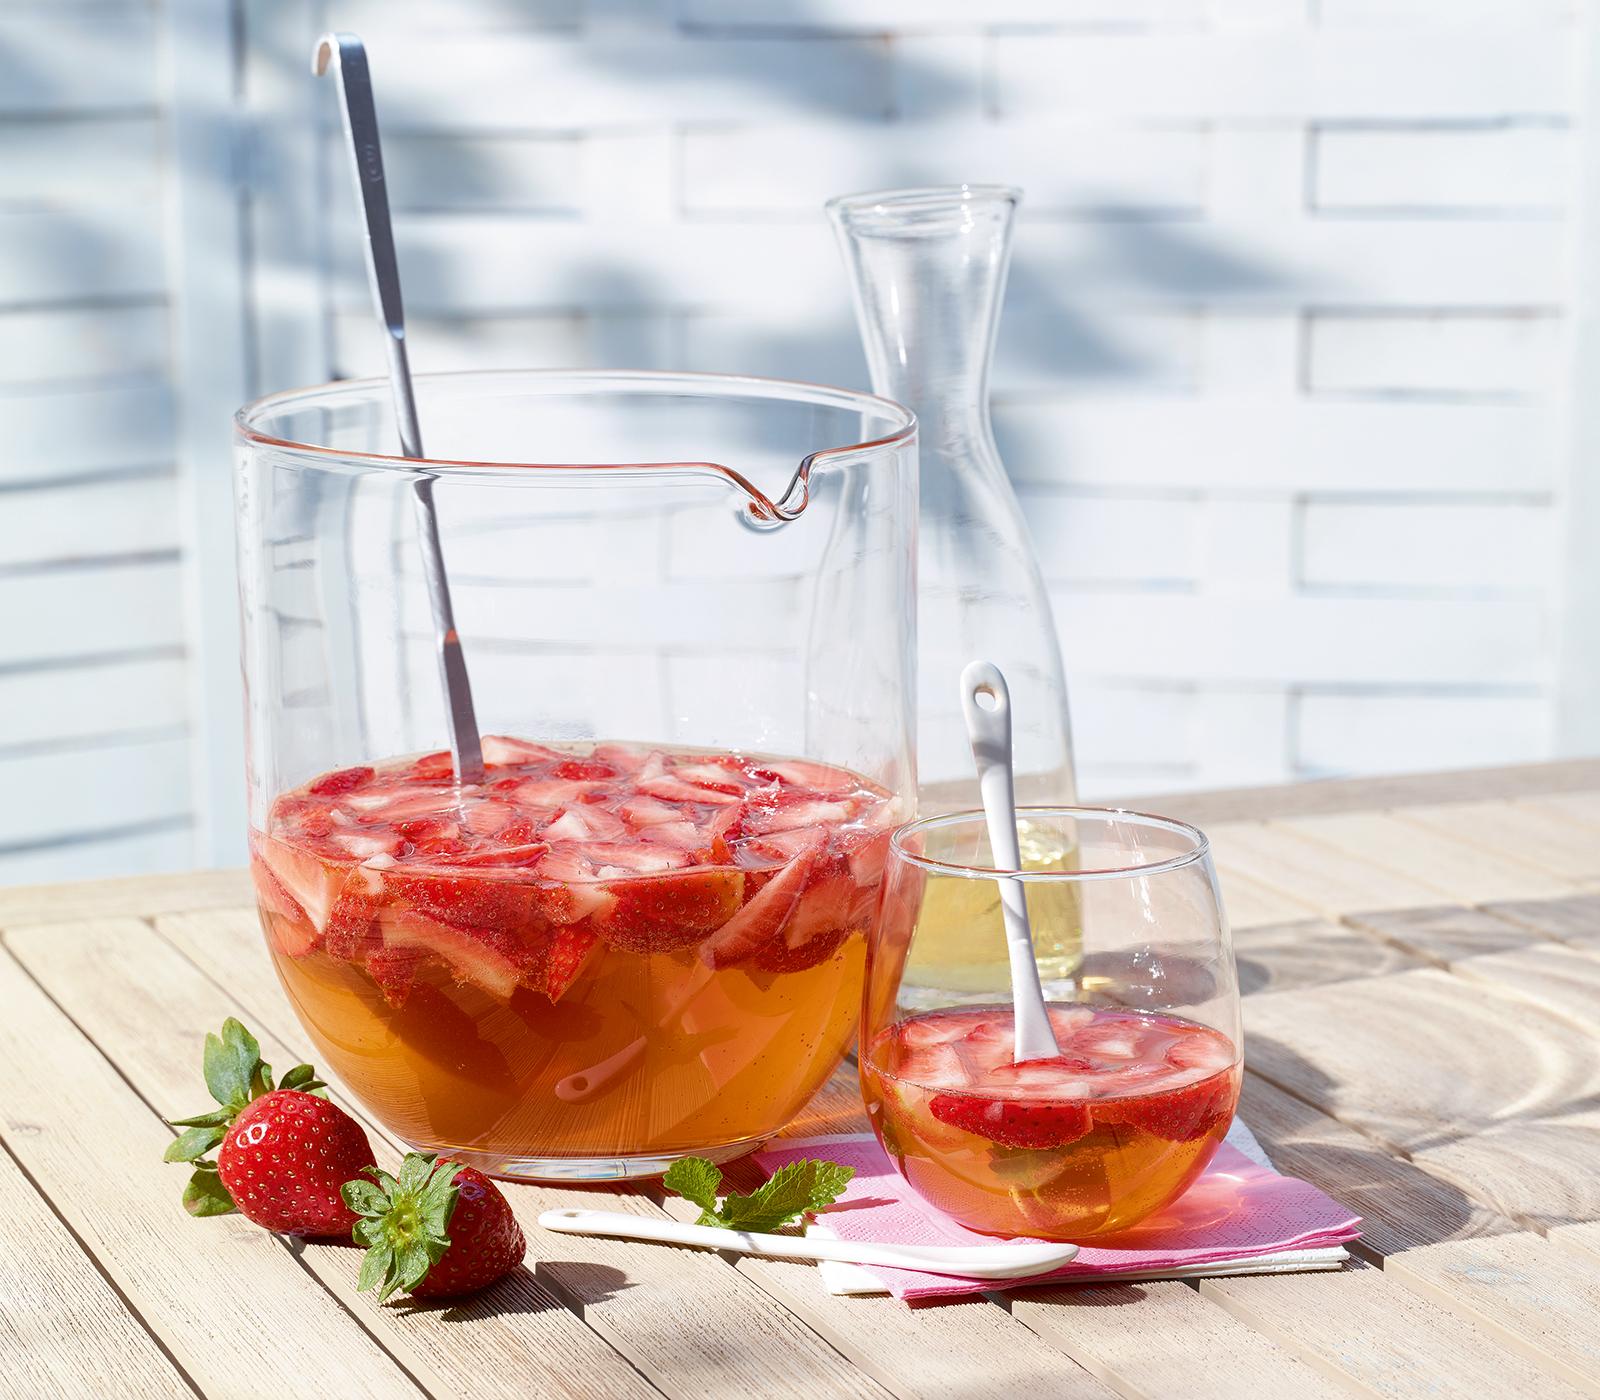 Erdbeerbowle annemarie wildeisen 39 s kochen for Kochen 10 personen